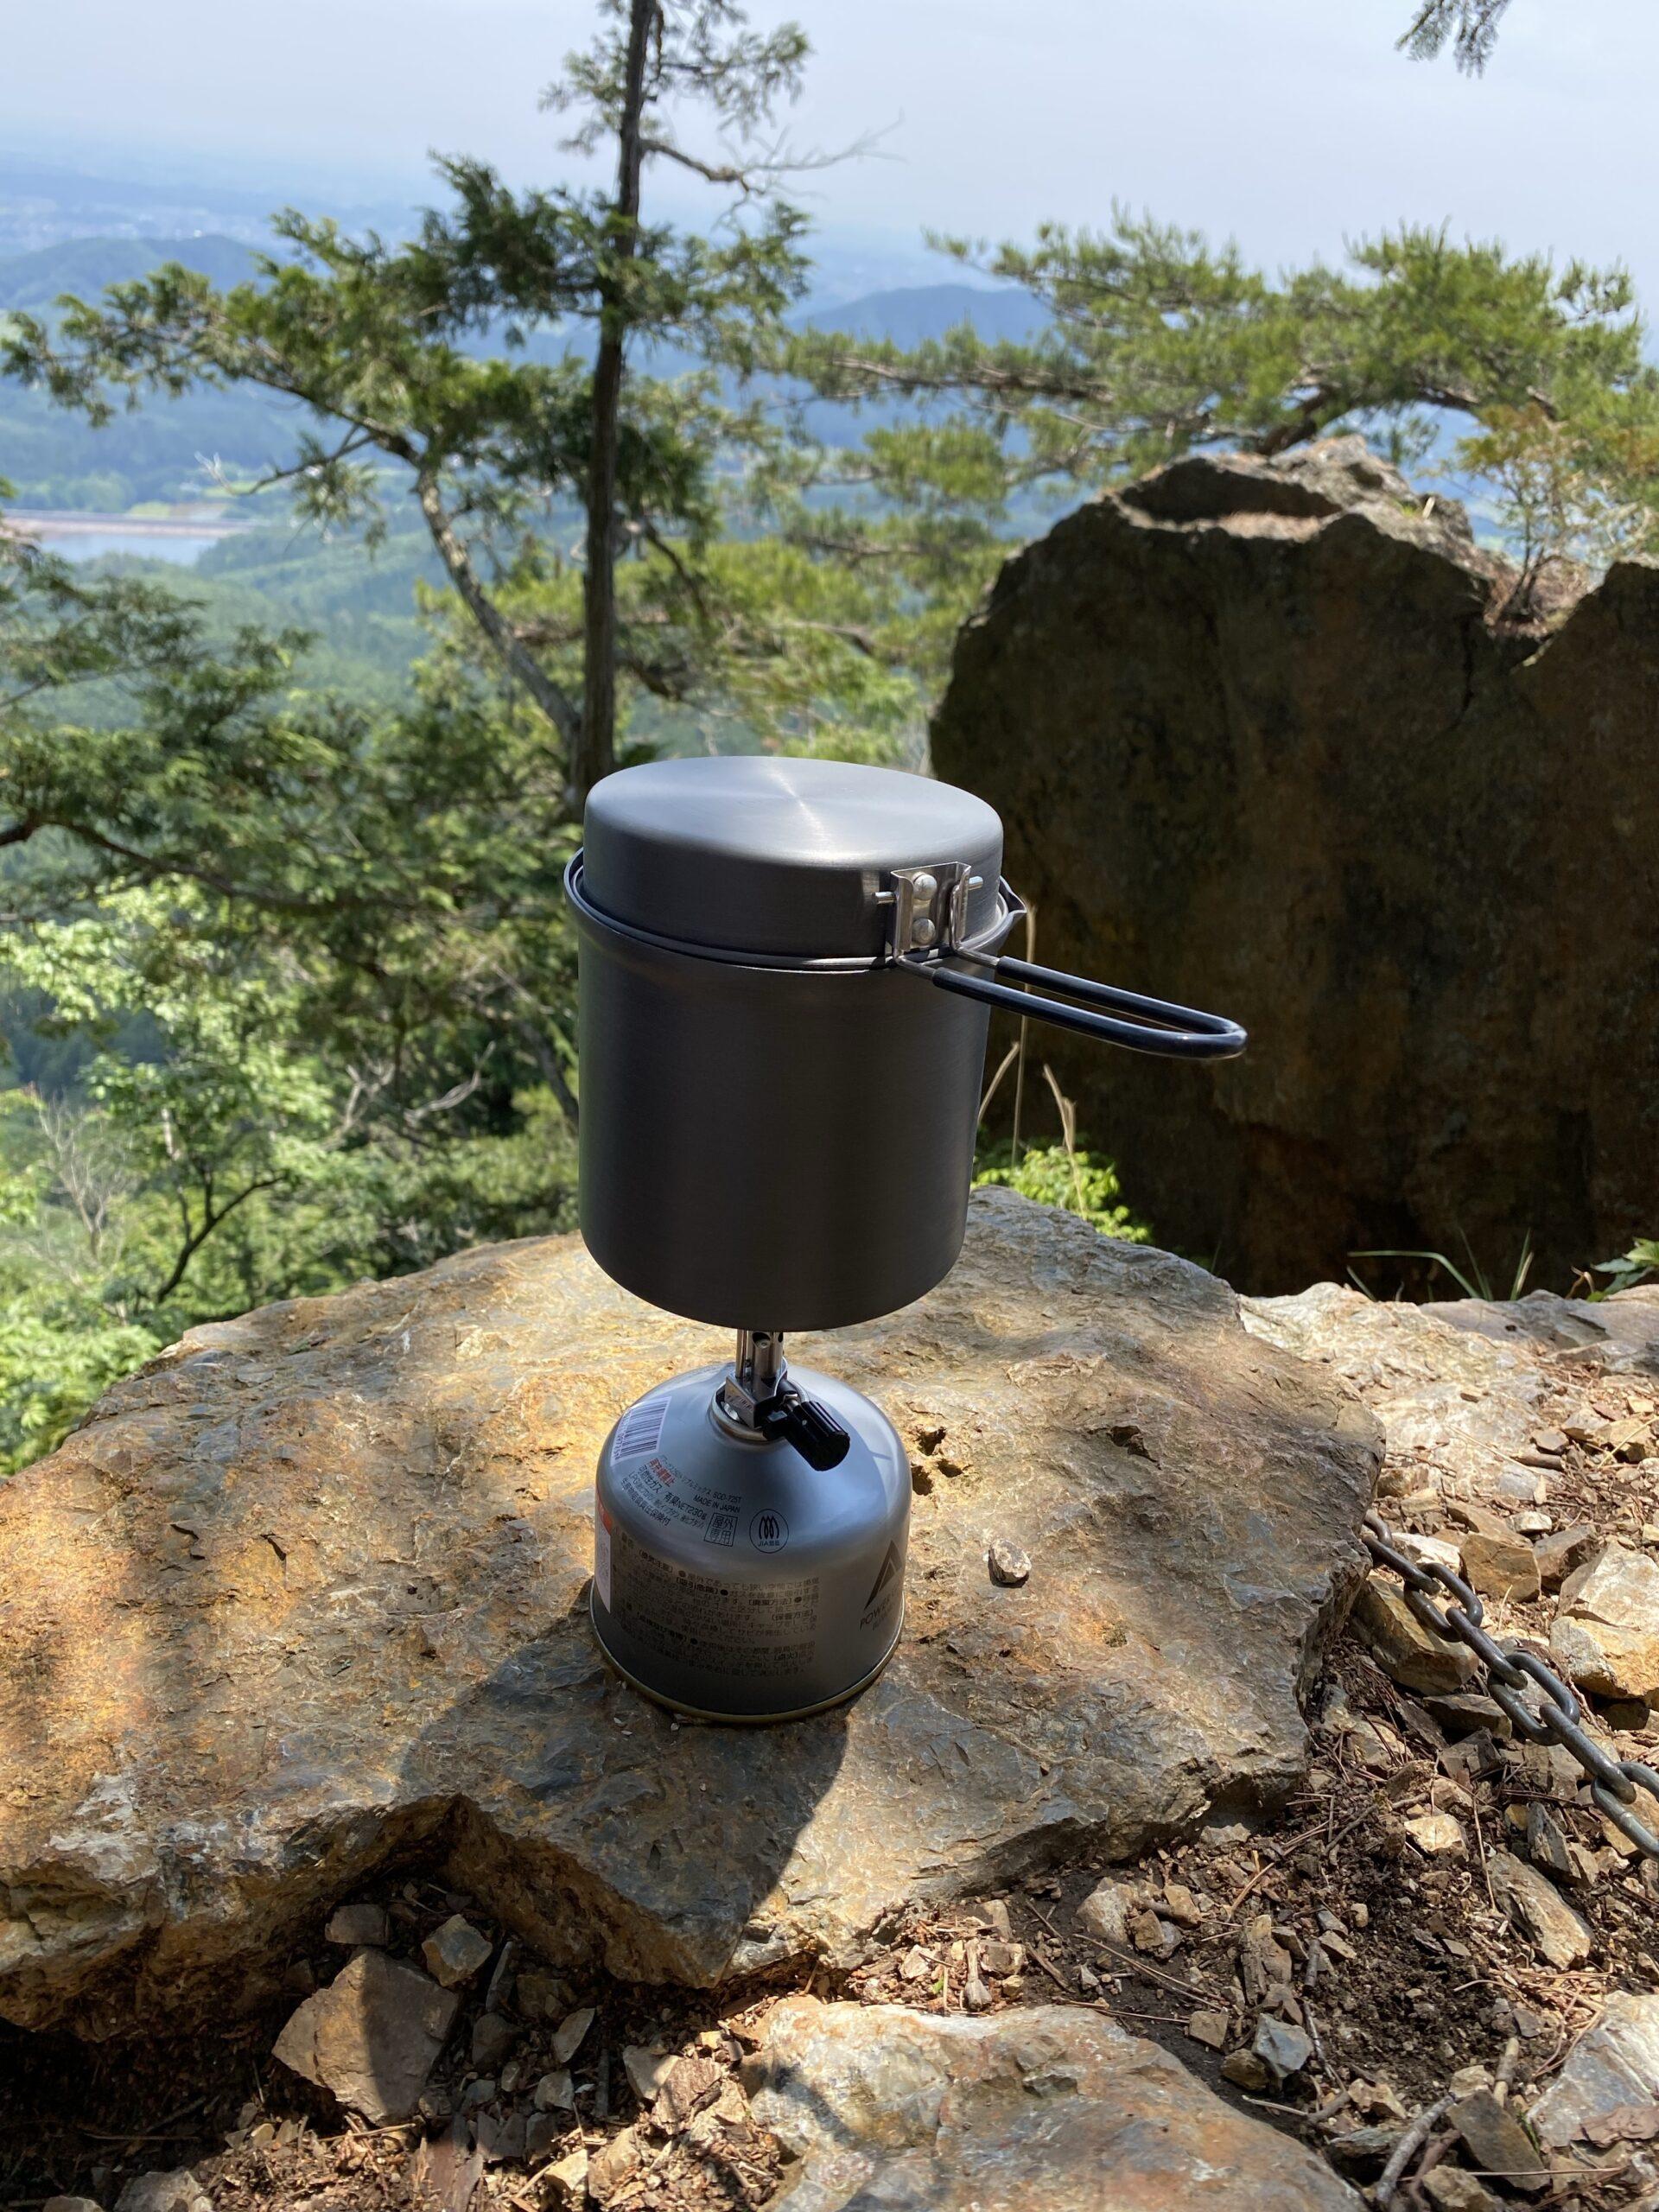 お湯を沸かす器具